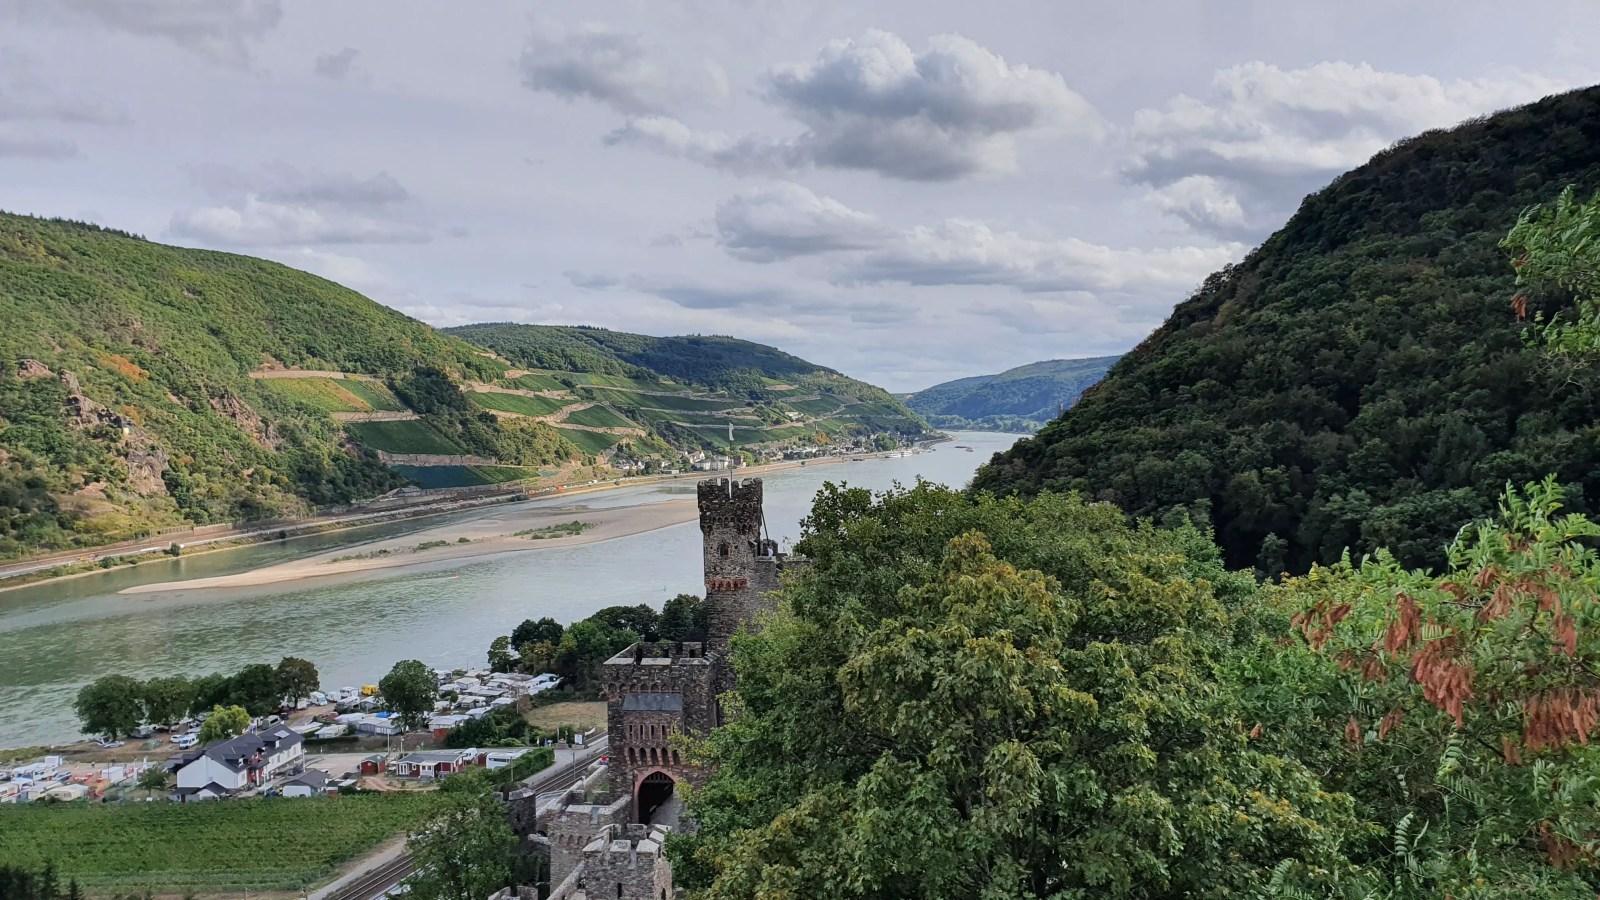 Burg Reichenstein, Burg am Mittelrhein, Rhein-Burgen-Weg, Wanderweg ab Bingen, Sehenswürdigkeiten bei Bingen